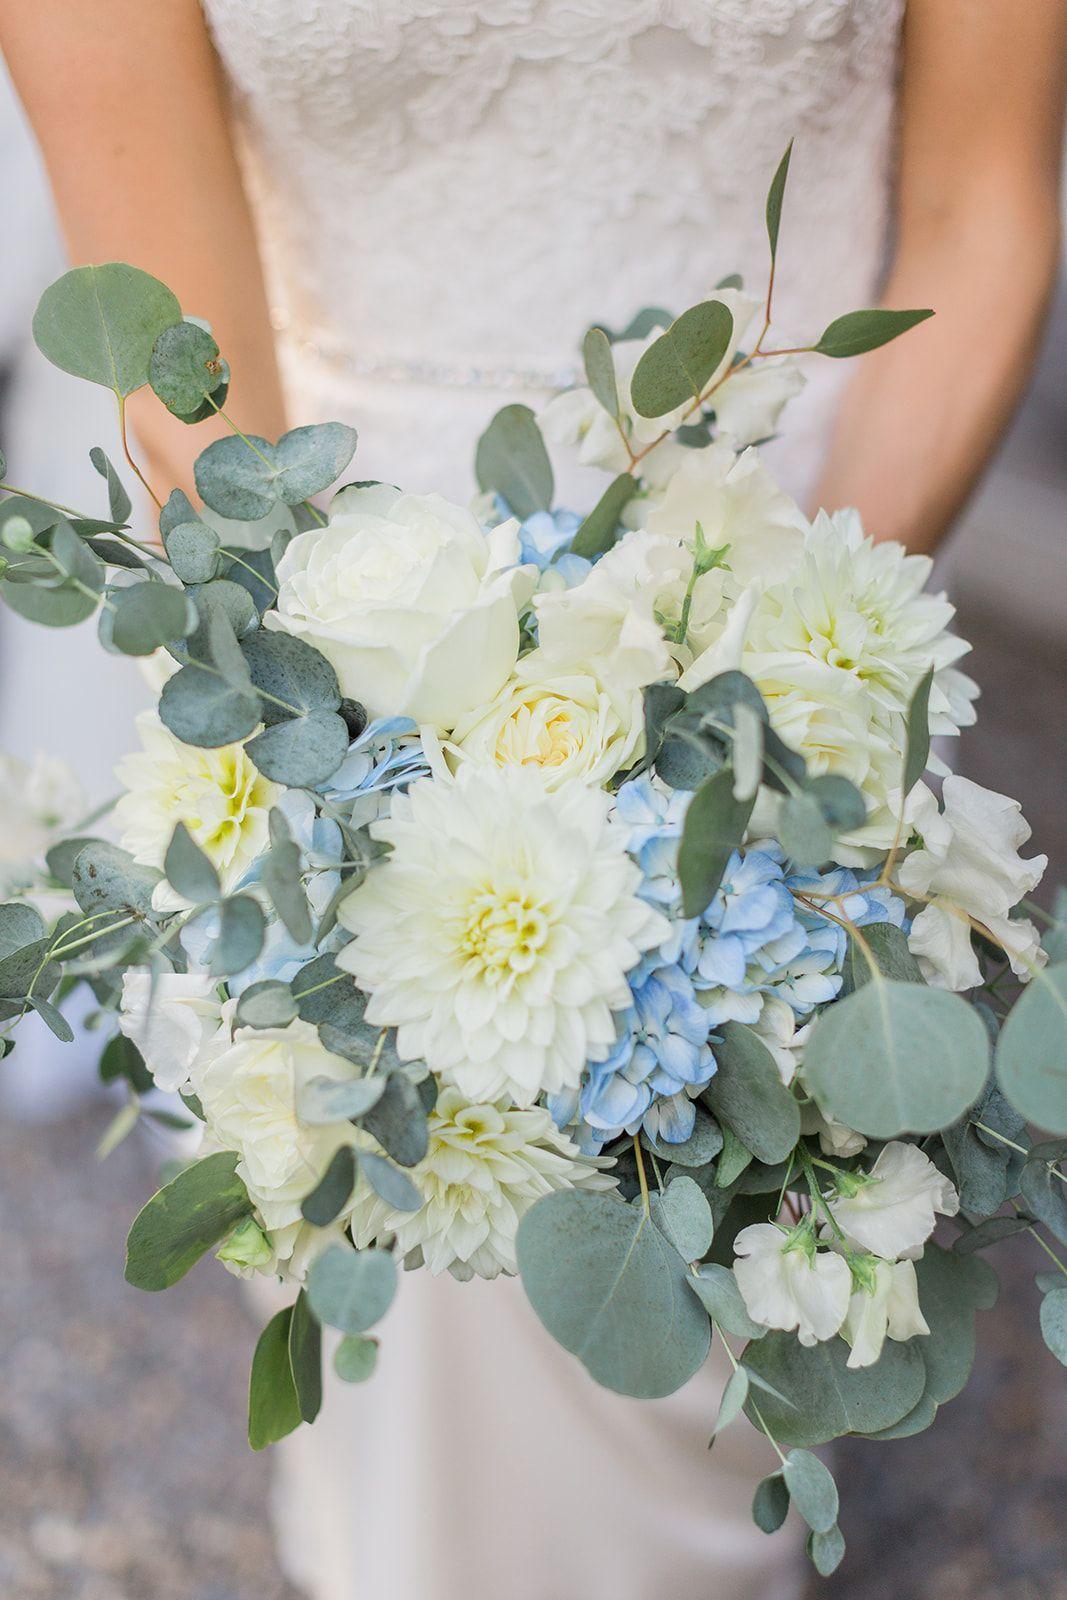 White Flower Bouquet 50 Wedding Flowers Blue Wedding Bouquet Blue Wedding Flowers Hydrangea Bouquet Wedding